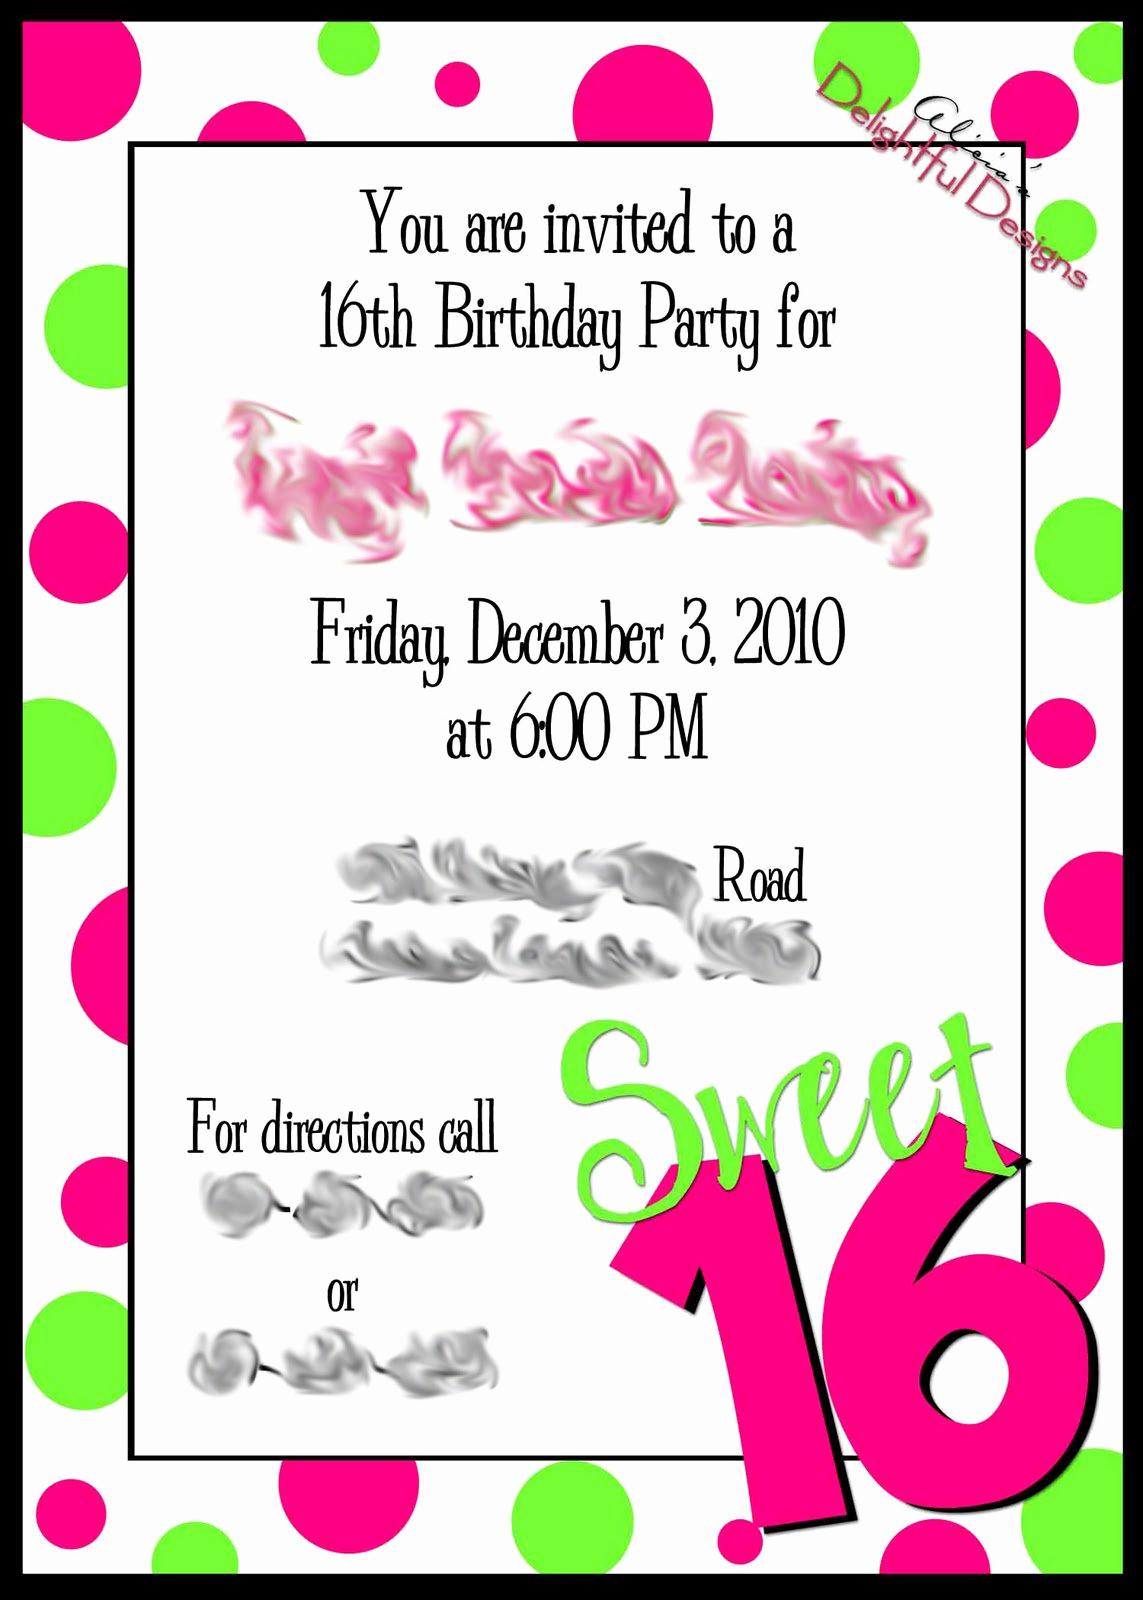 Sweet 16 Invitation Template Elegant Sweet 16 Birthday Invitations Free